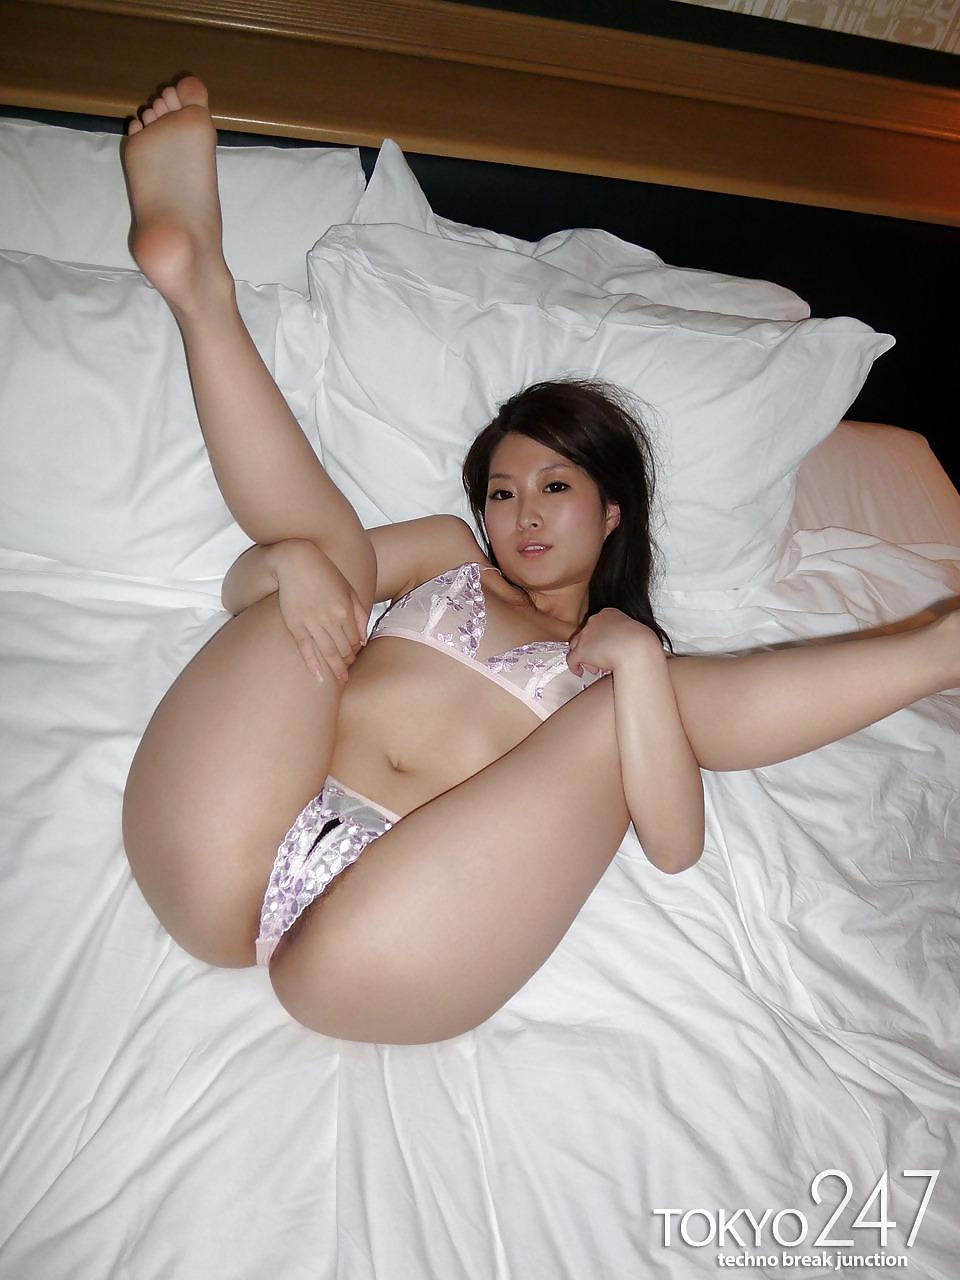 Nude Pix Butt plug model